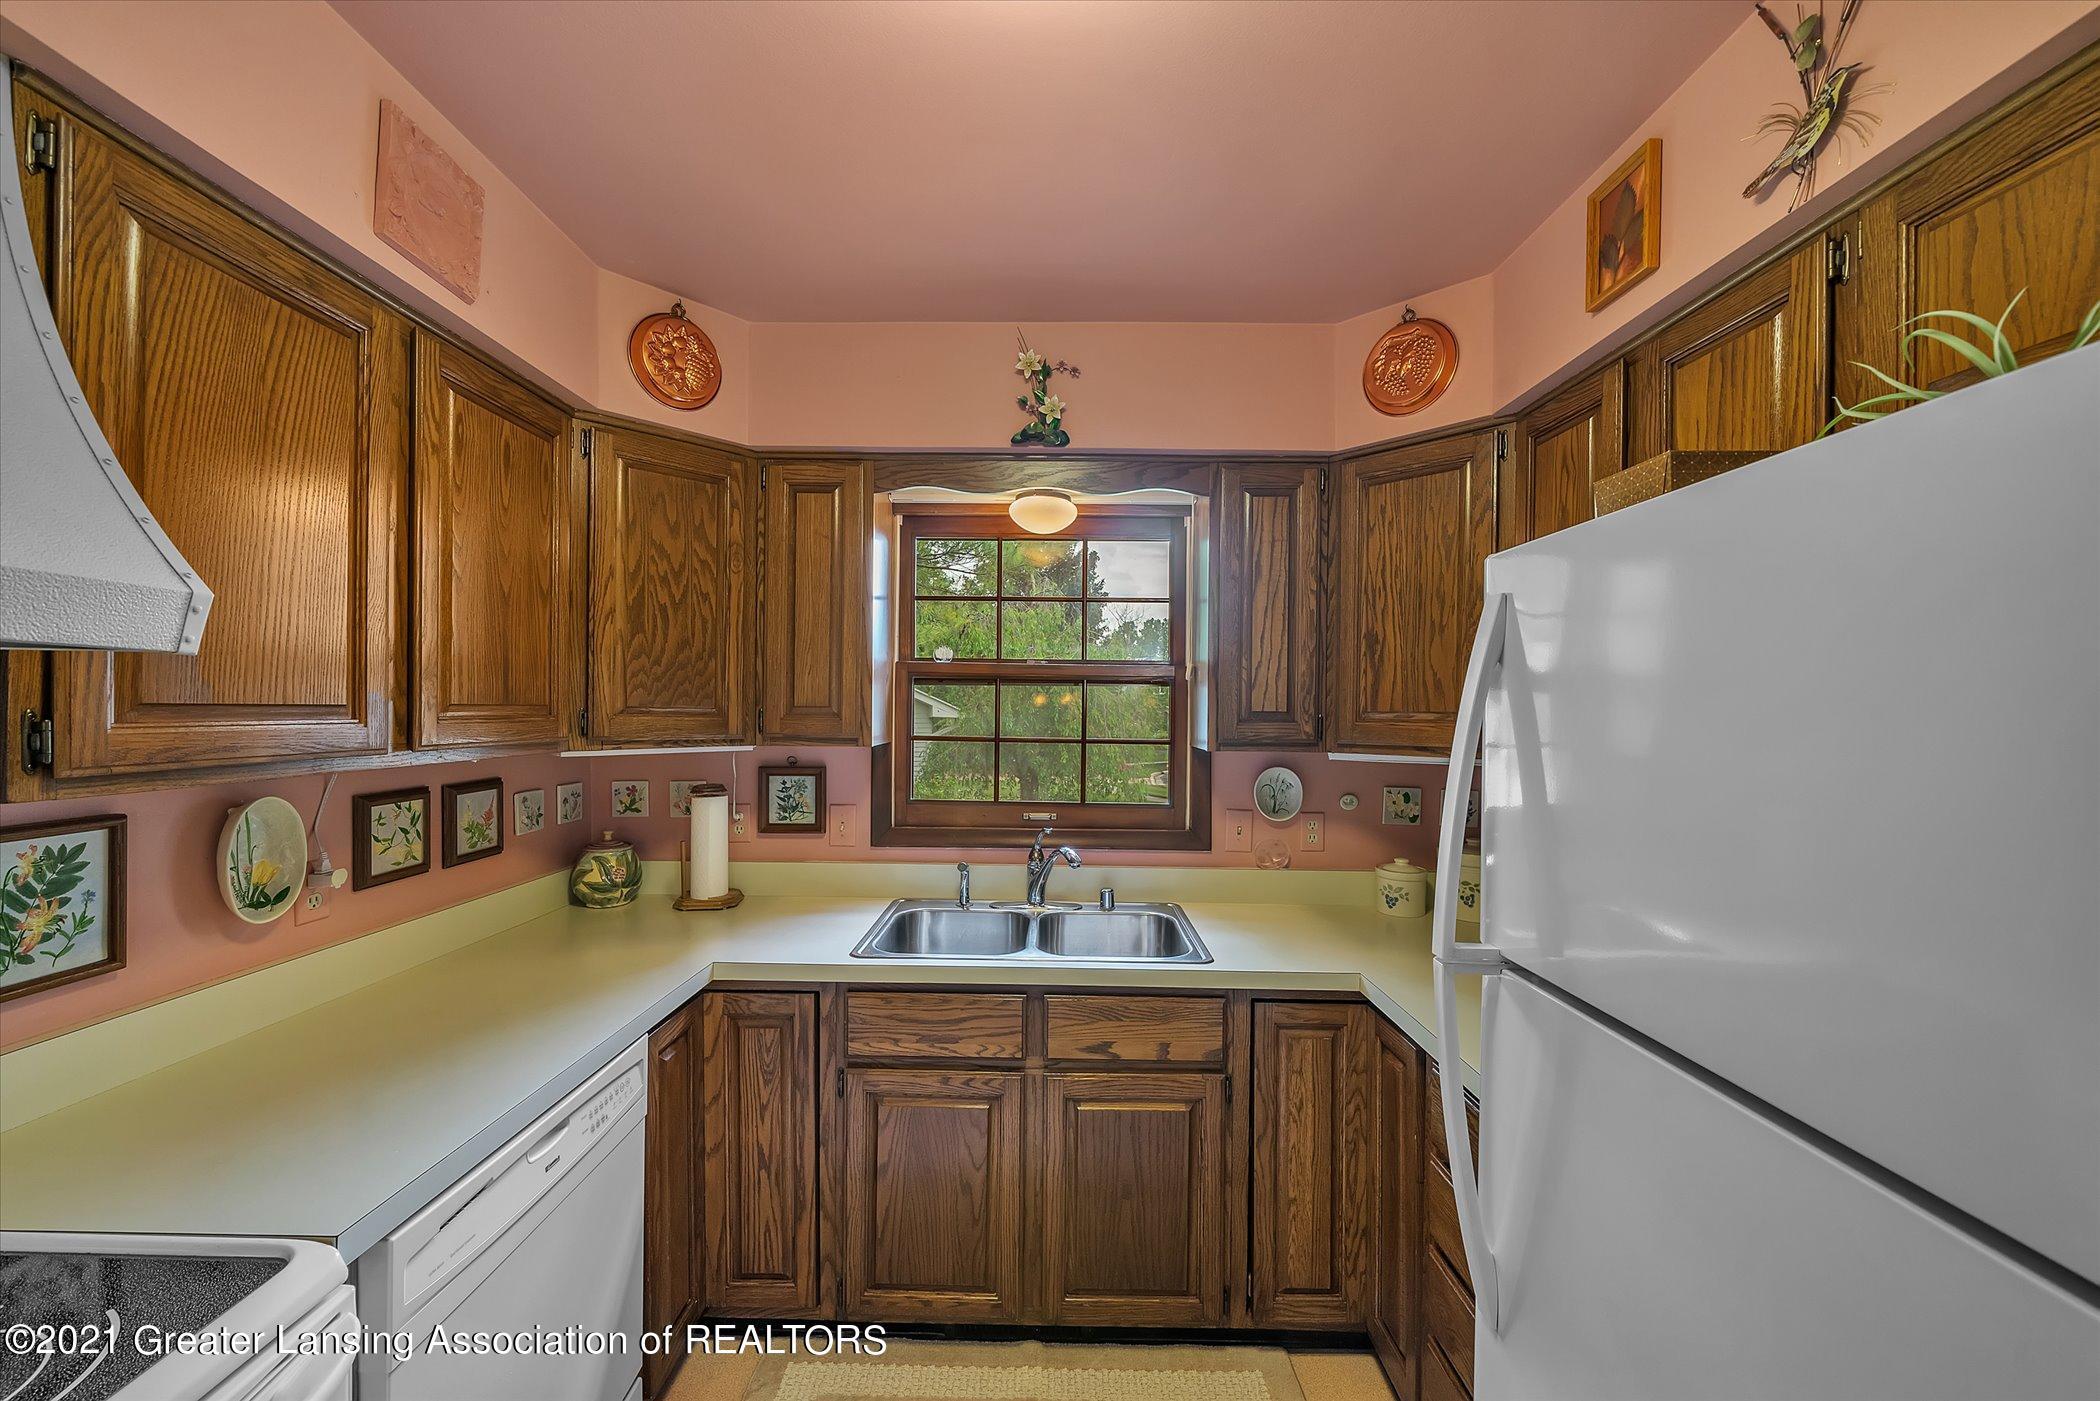 5556 Wood Valley Dr - (10) MAIN FLOOR Kitchen - 10